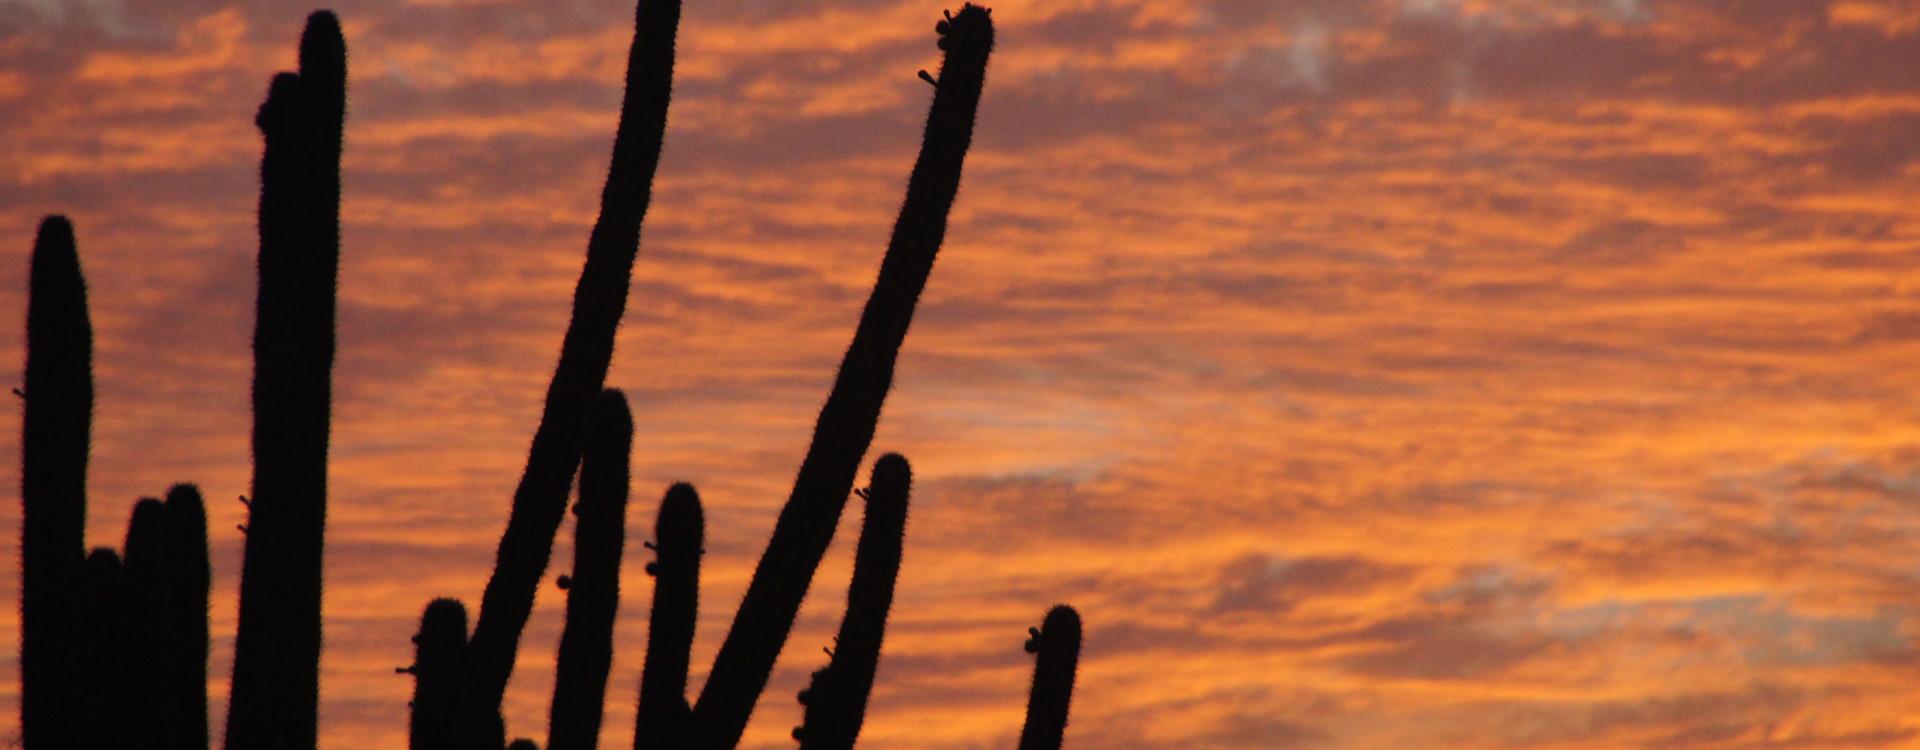 Aruba Sunset – Cactus Silhouette